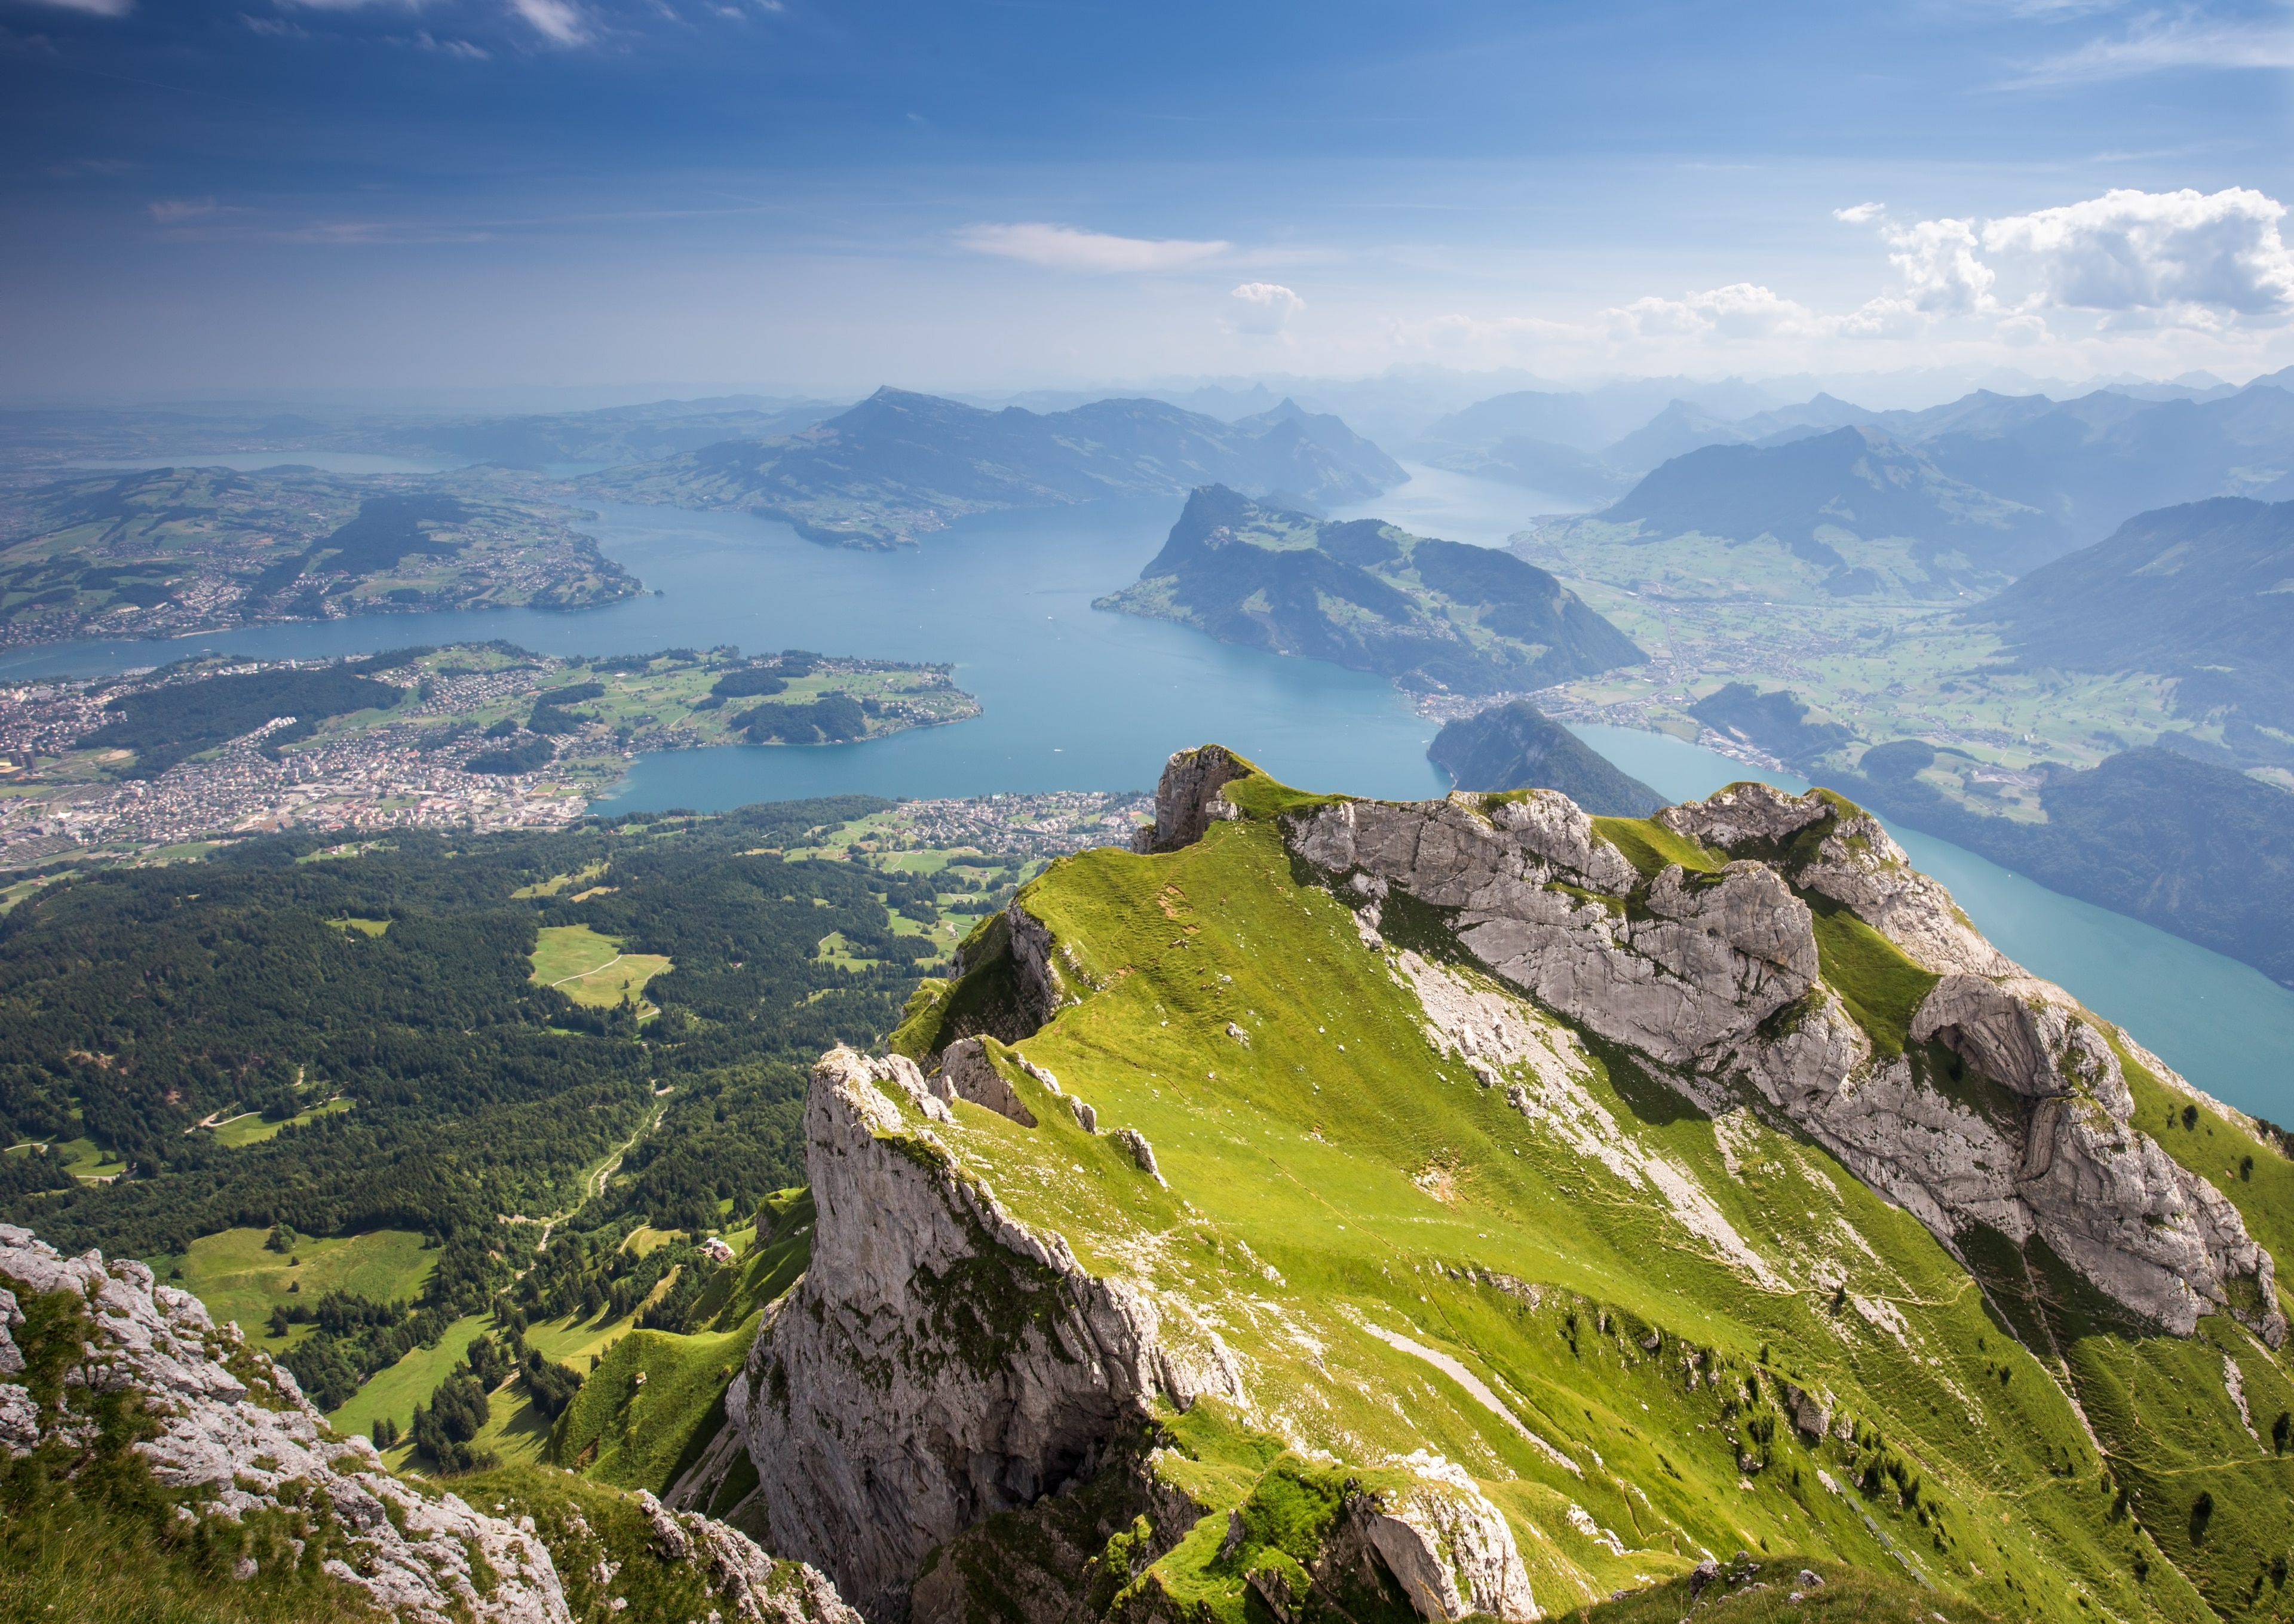 Nidwalden, Switzerland